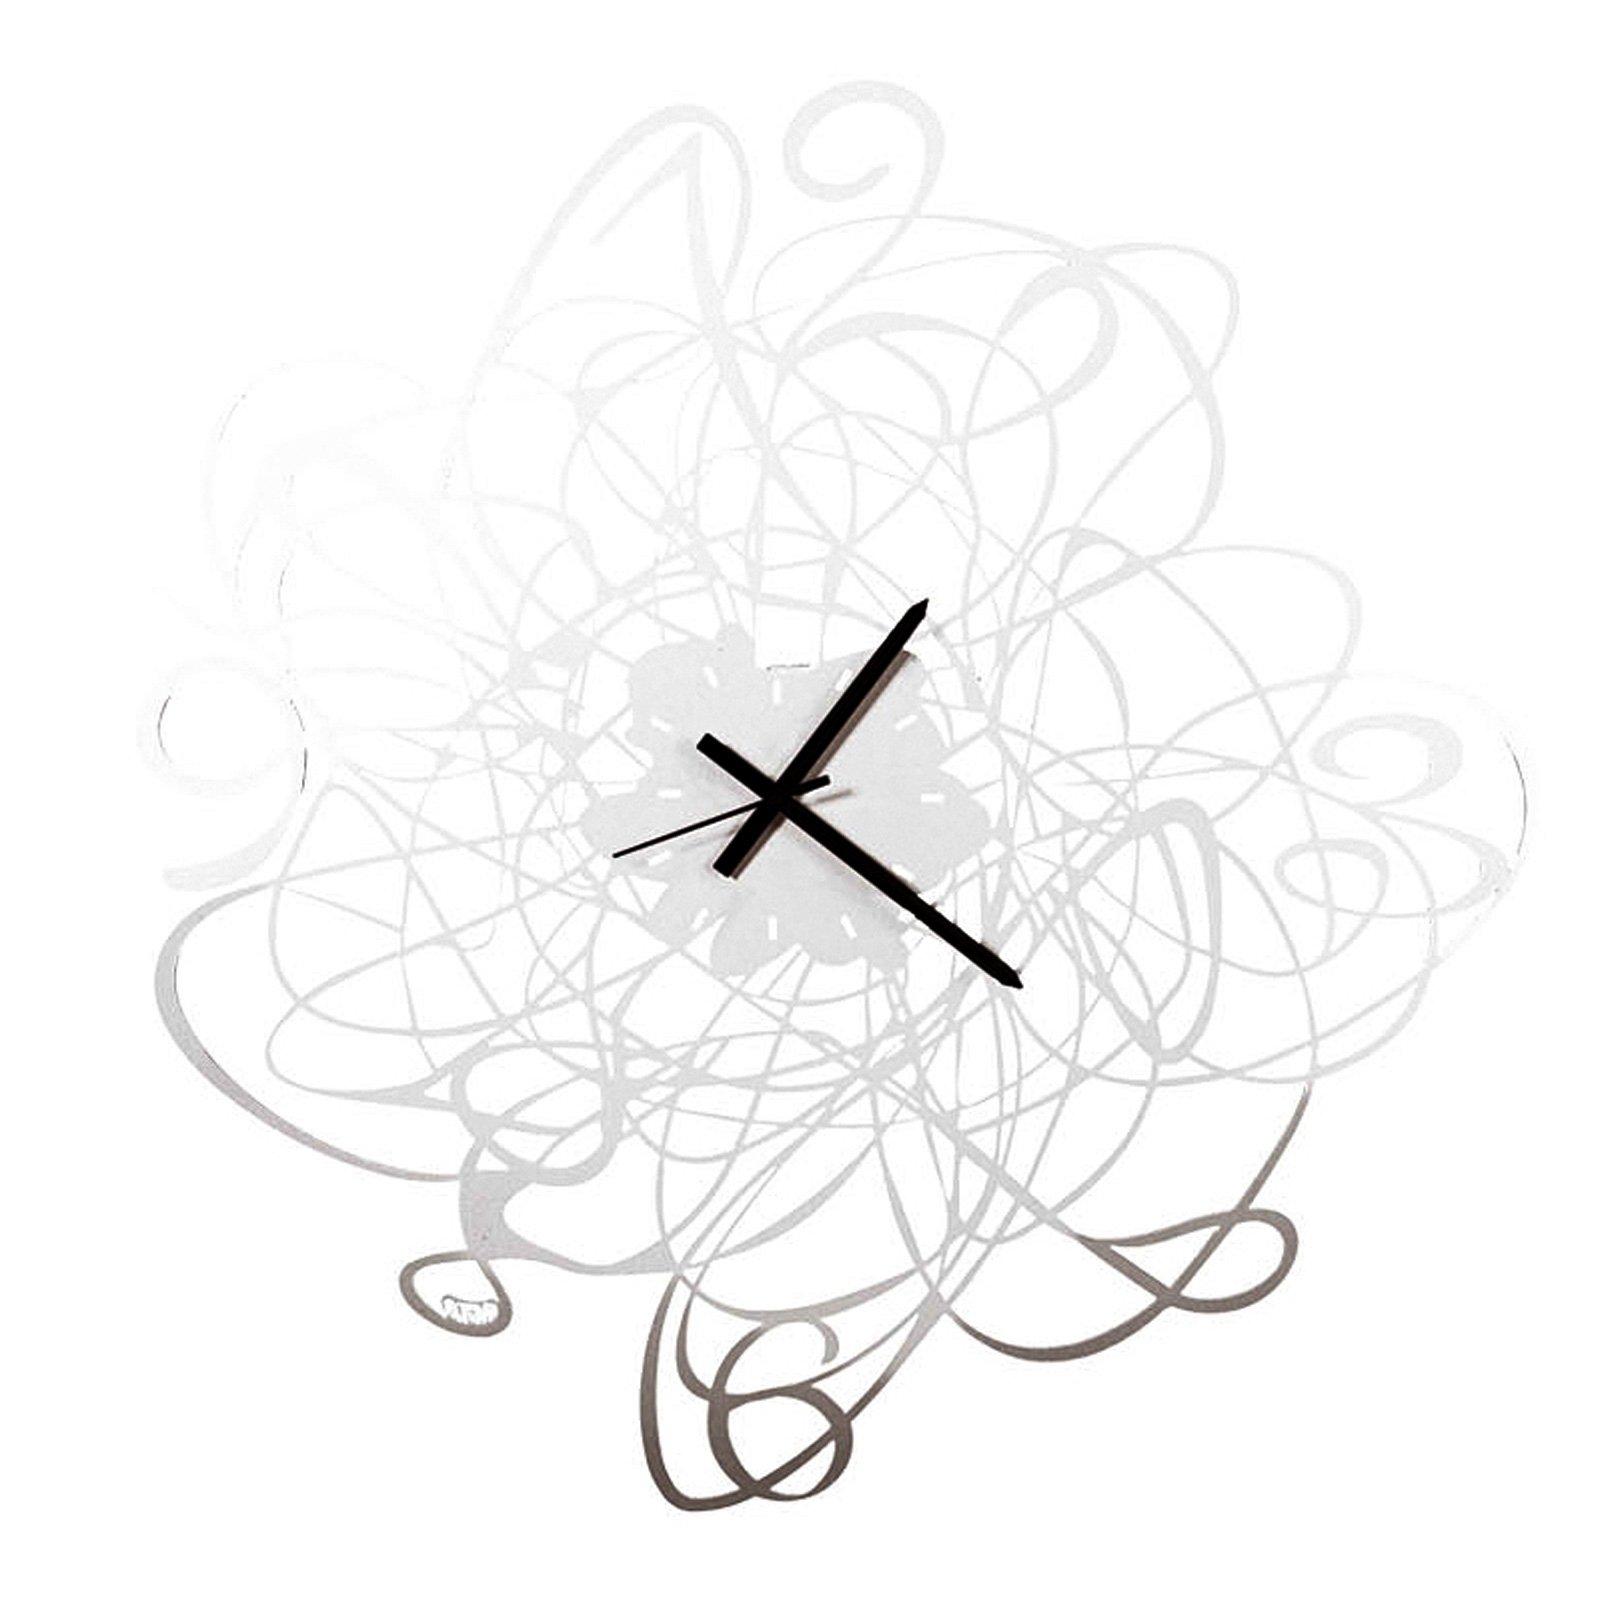 orologio_doodle_2411_C26